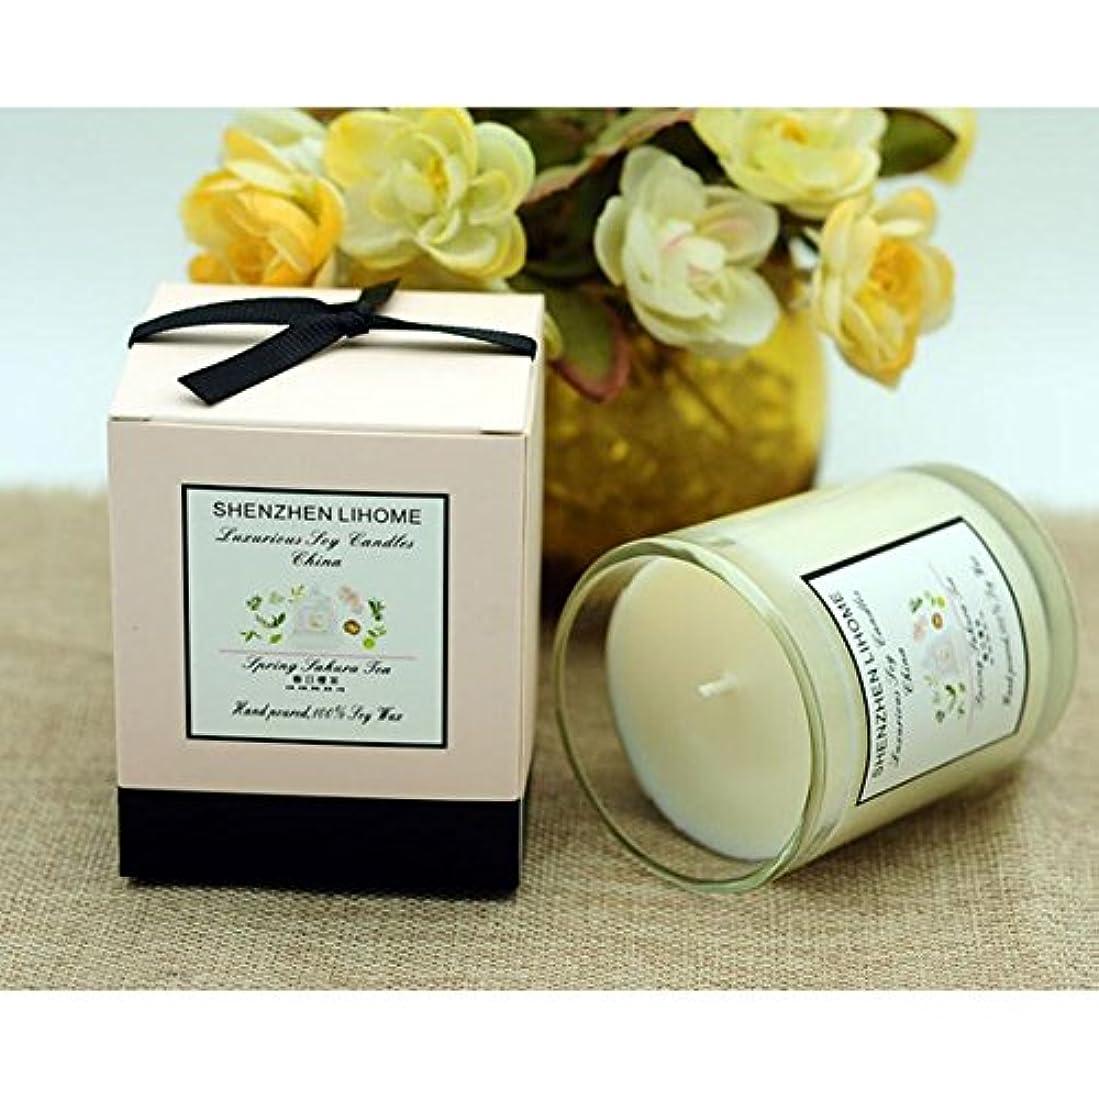 グローブ不適パン屋Liebeye キャンドル 大豆ワックス ロマンチックな無煙の香り 香りのティーキャンドル自然 ガラスキャンドル 春の桜の香